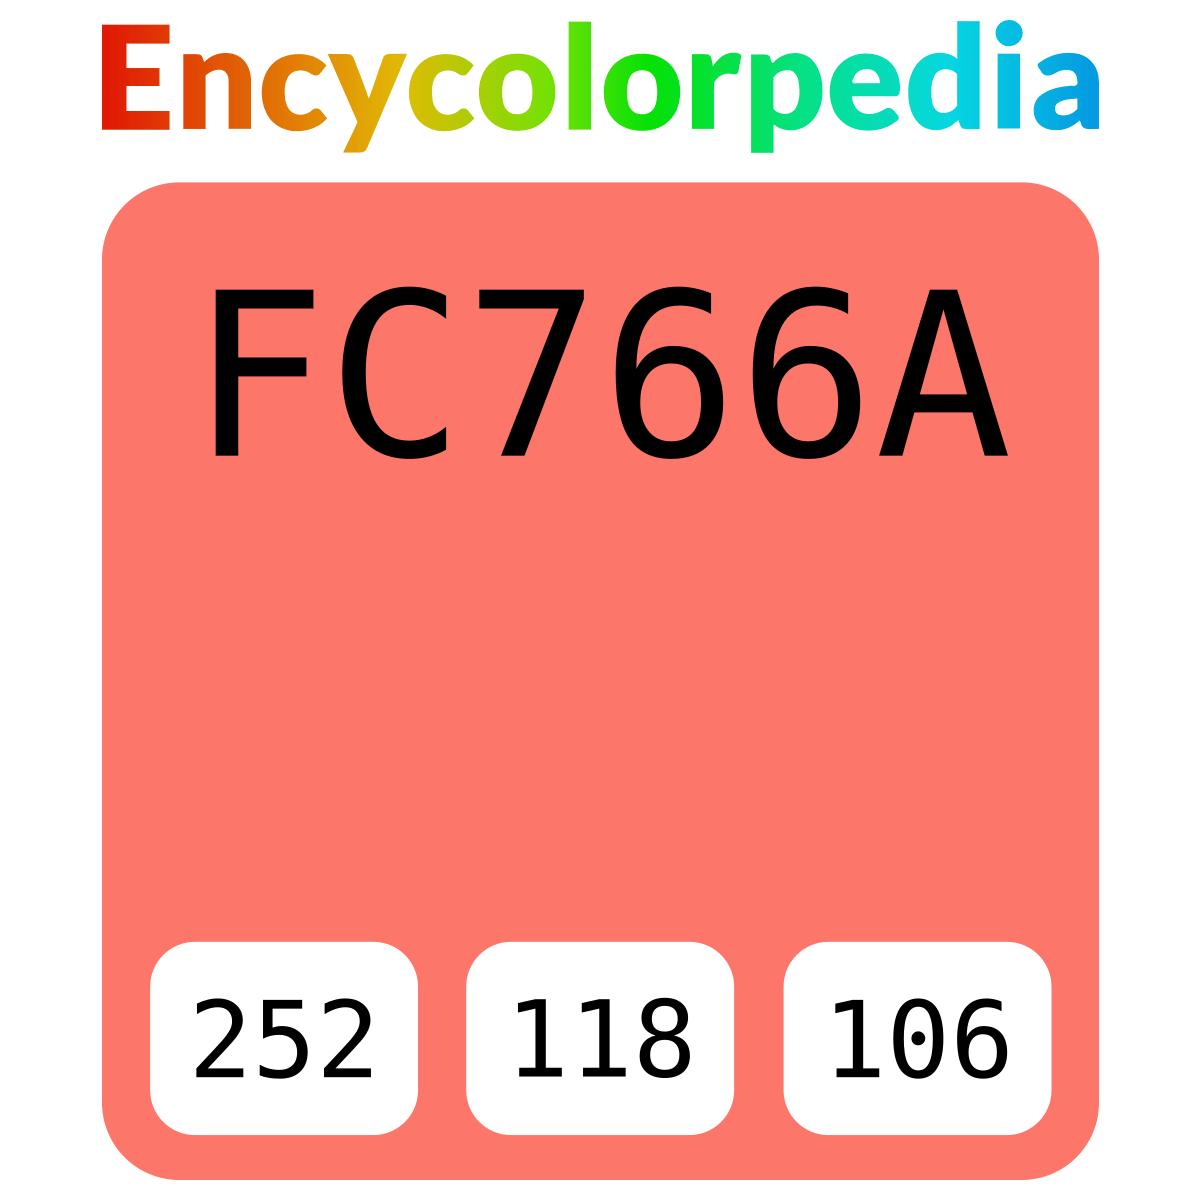 Pantone Pms 16 1546 Tpg Fc766a Hex Color Code Schemes